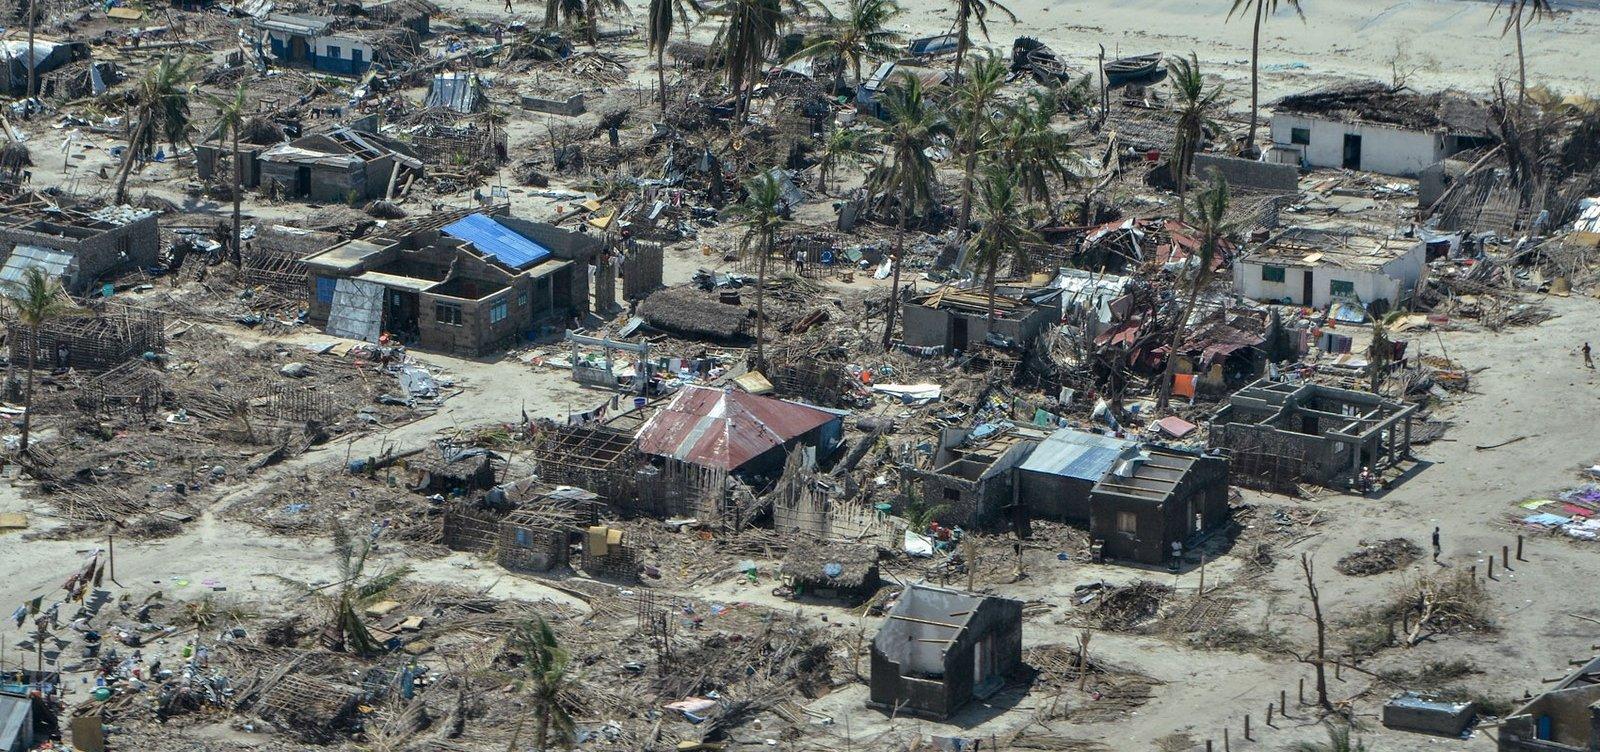 [Moçambique recebeu menos de 10% da ajuda necessária após ciclones]